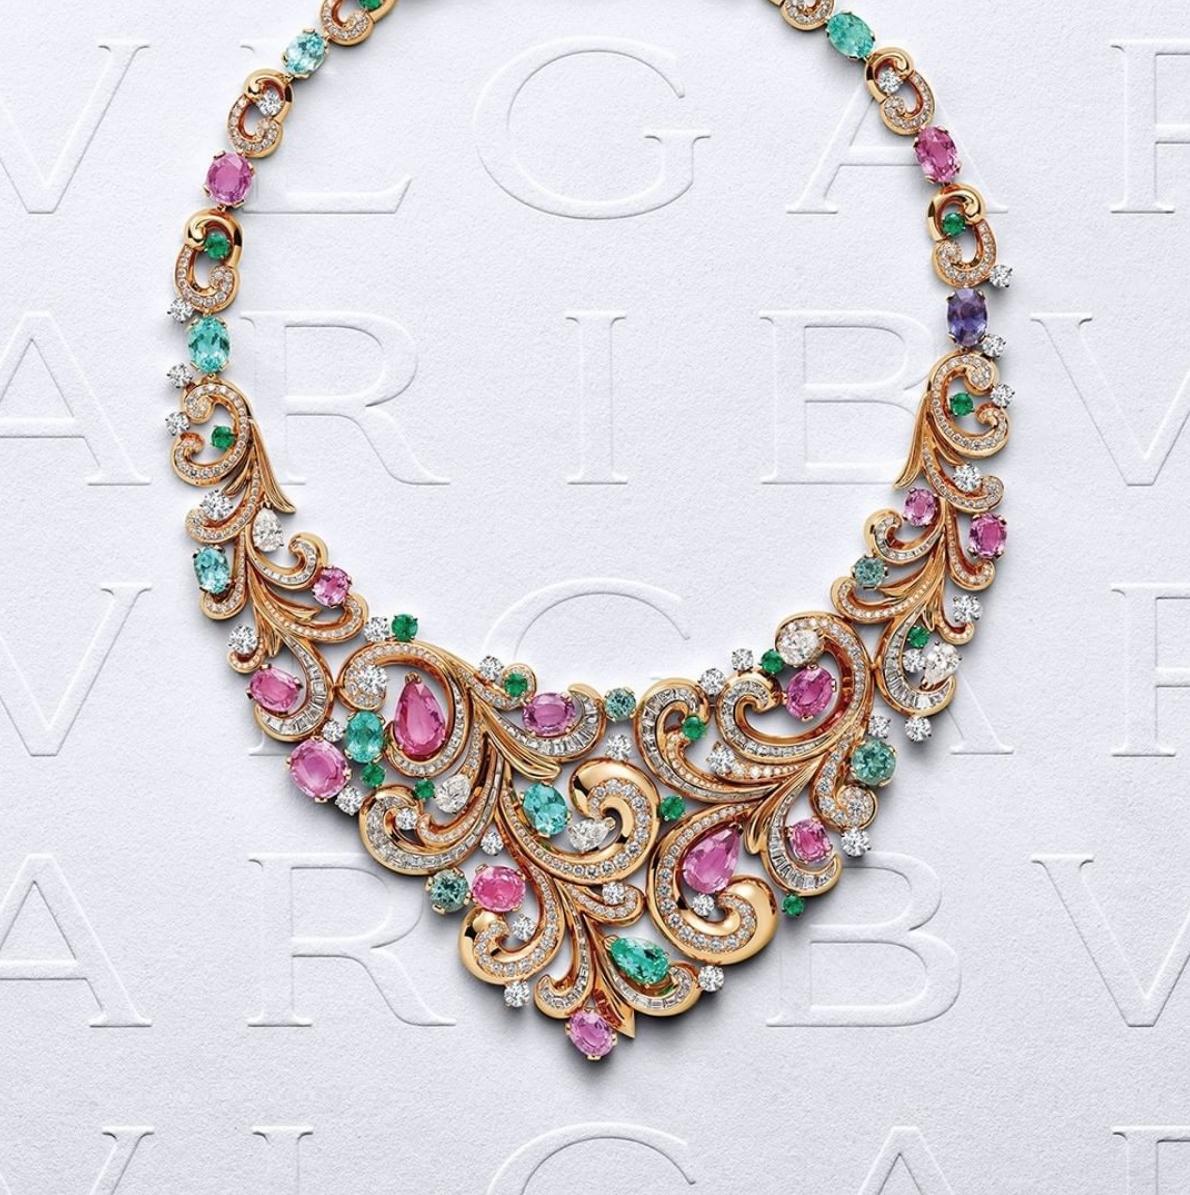 Collar Lady Arabesque de la colección Barocko de Bvlgari/Foto: Bvlgari.